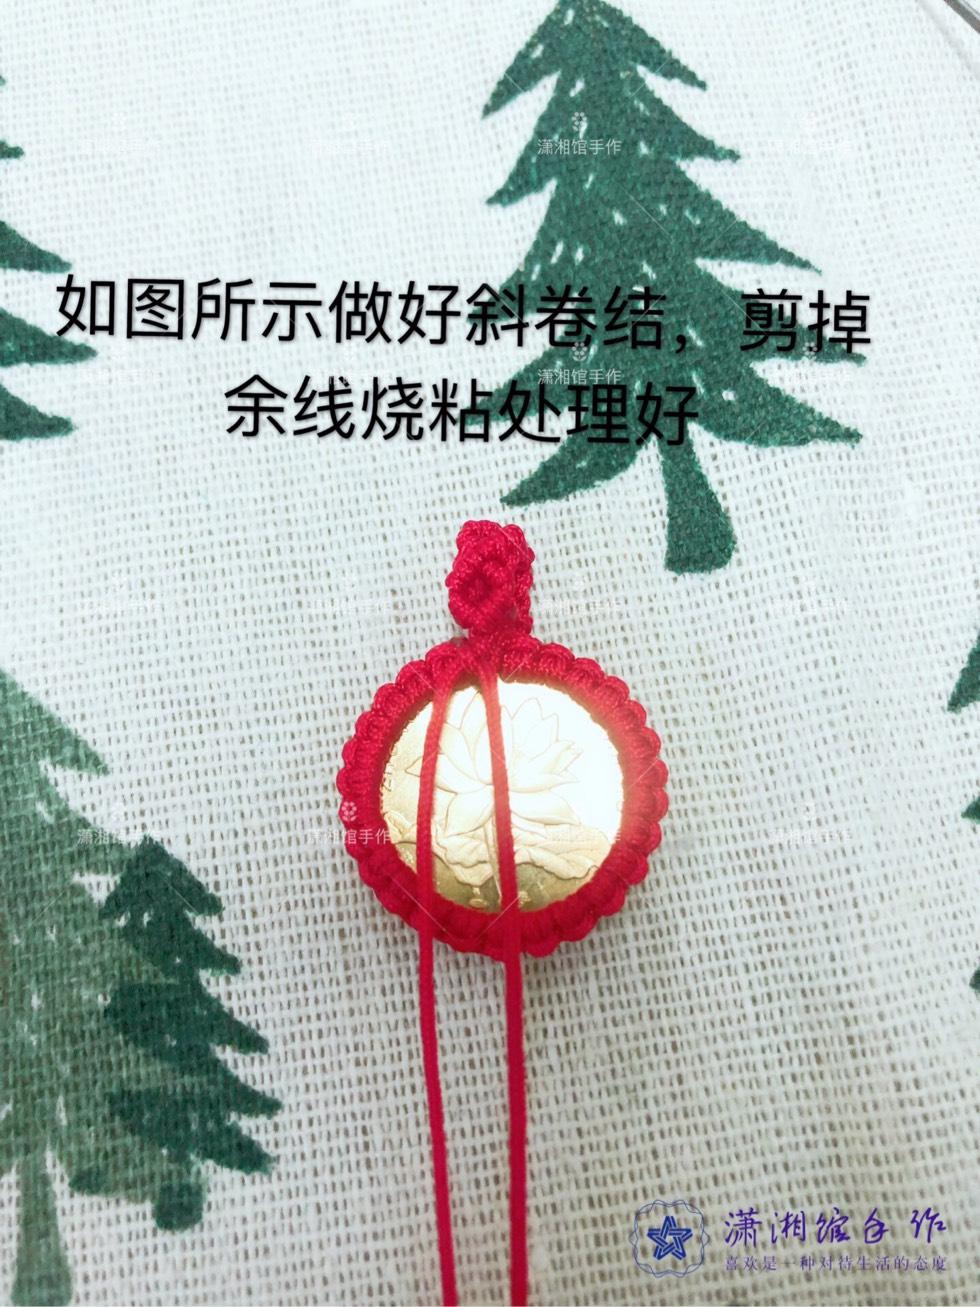 中国结论坛 硬币挂件天使翅膀钥匙扣教程  图文教程区 170123eohy3vlnz2lhvnm0